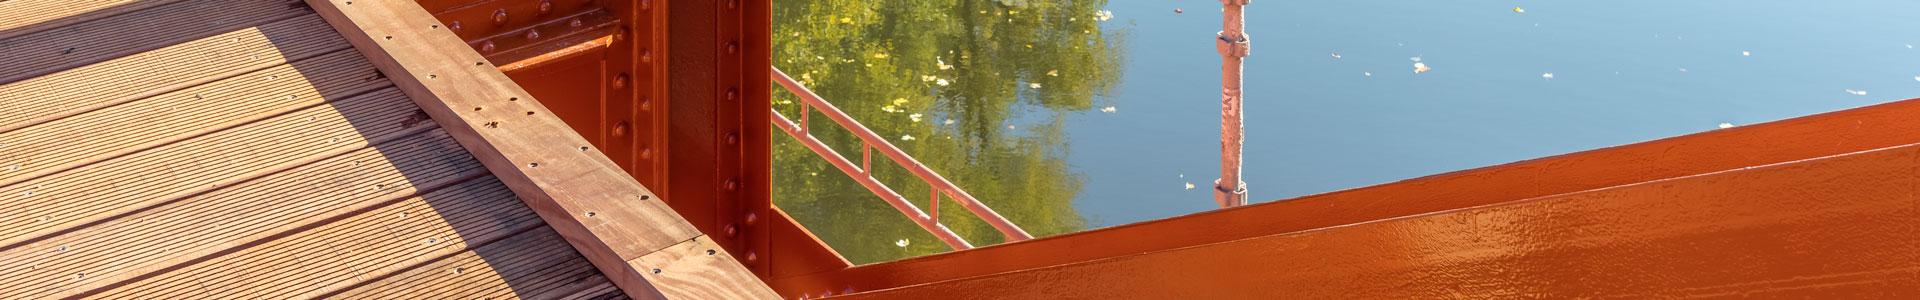 Projekt, Azobe till Pyttebron i Ängelholm, Kärnsund Wood Link